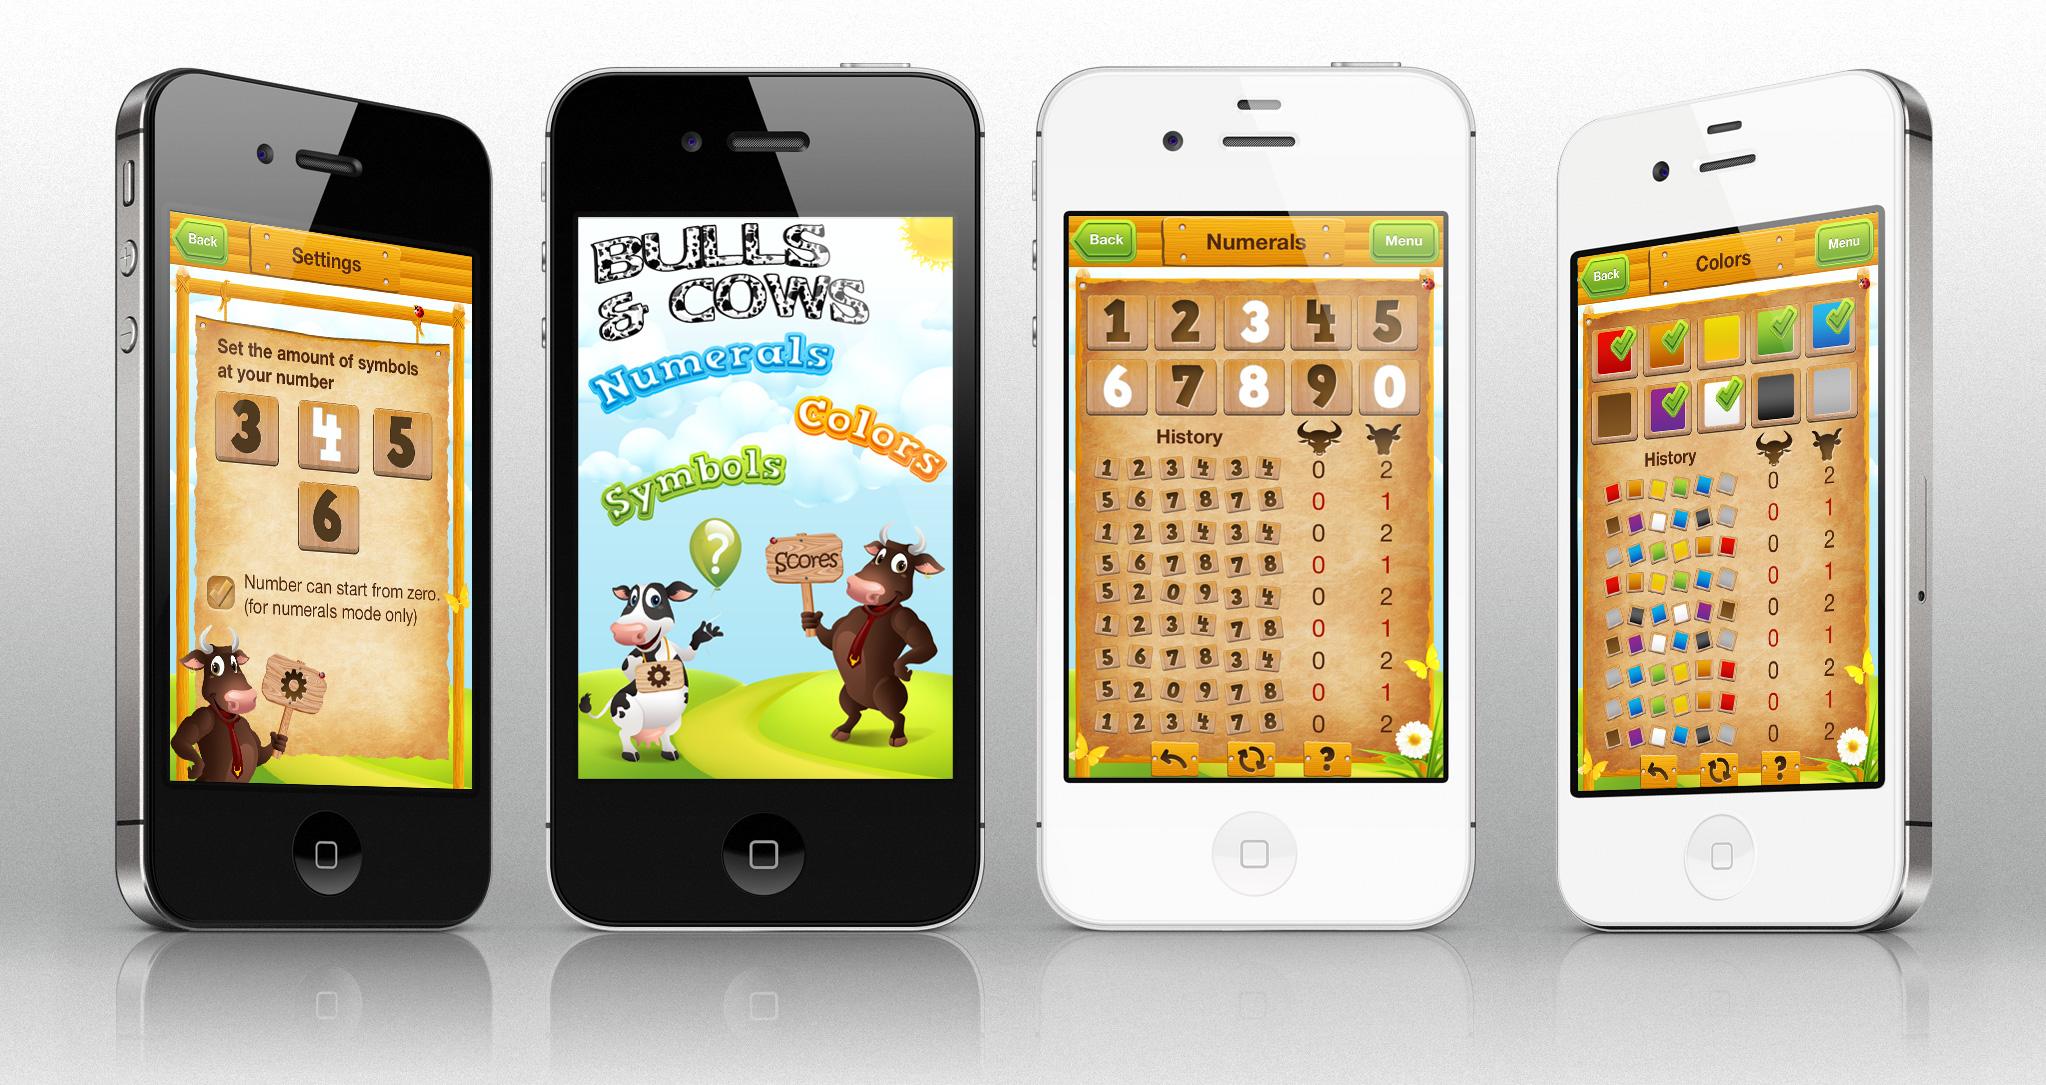 Photo App Iphone